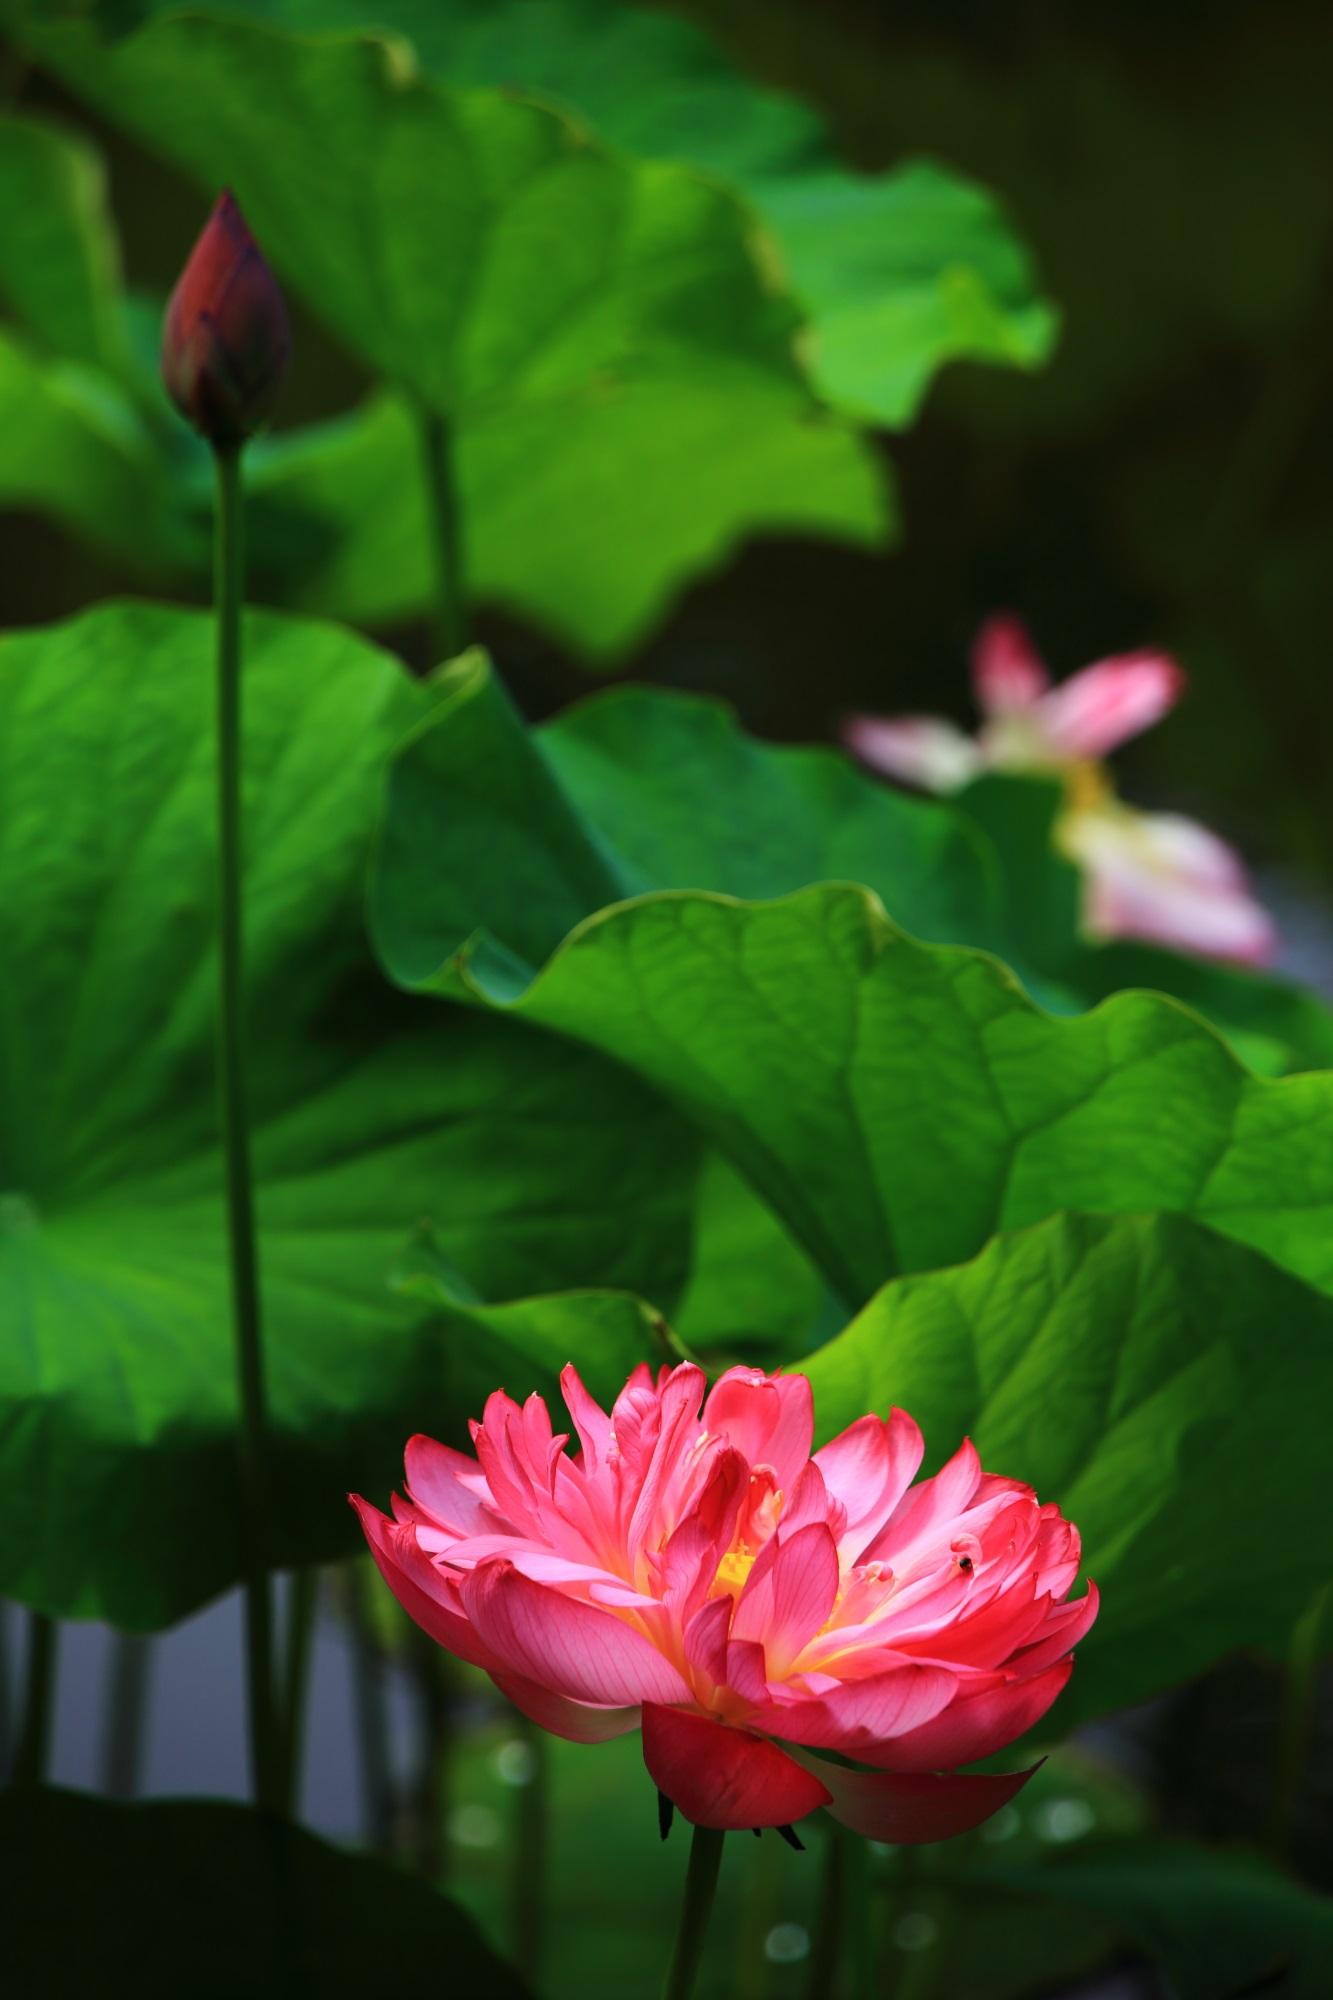 勧修寺の目を引くような鮮やかな色合いの見事な蓮の花